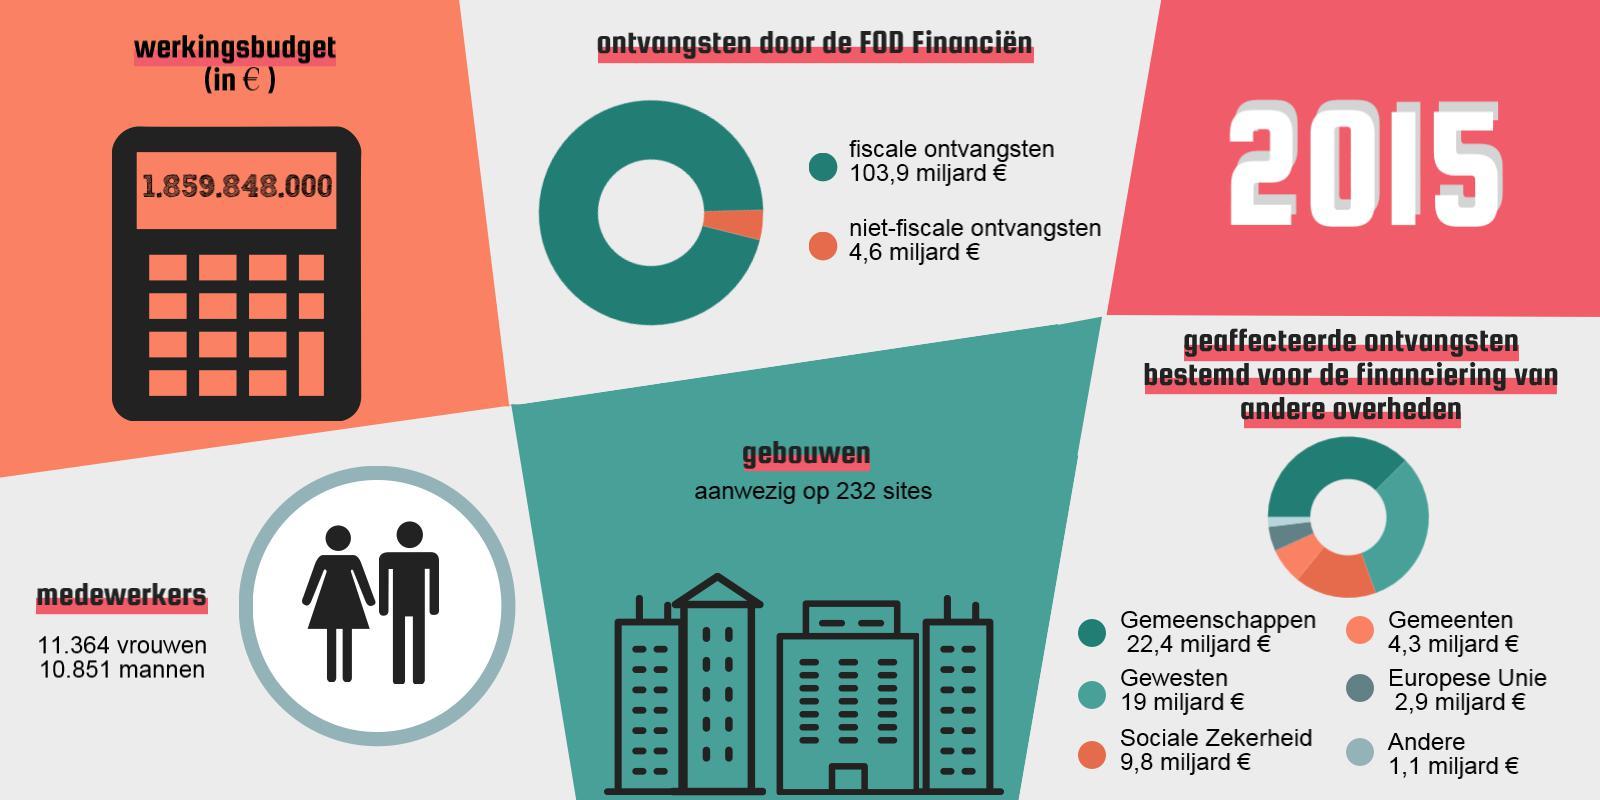 2015 | werkingsbudget (in €): 1.859.848.000 | fiscale ontvangsten: 103,9 miljard € / niet-fiscale ontvangsten: 4,6 miljard € | 11.364 vrouwen / 10.851 mannen | Aanwezig op 232 sites | geaffecteerde ontvangsten bestemd voor de financiering van andere overheden: Gemeenschappen: 22,4 miljard € / Gewesten: 19 miljard € / Sociale Zekerheid: 9,8 miljard € / Gemeenten : 4,3 miljard € / Europese Unie: 2,9 miljard € / Andere: 1,1 miljard €